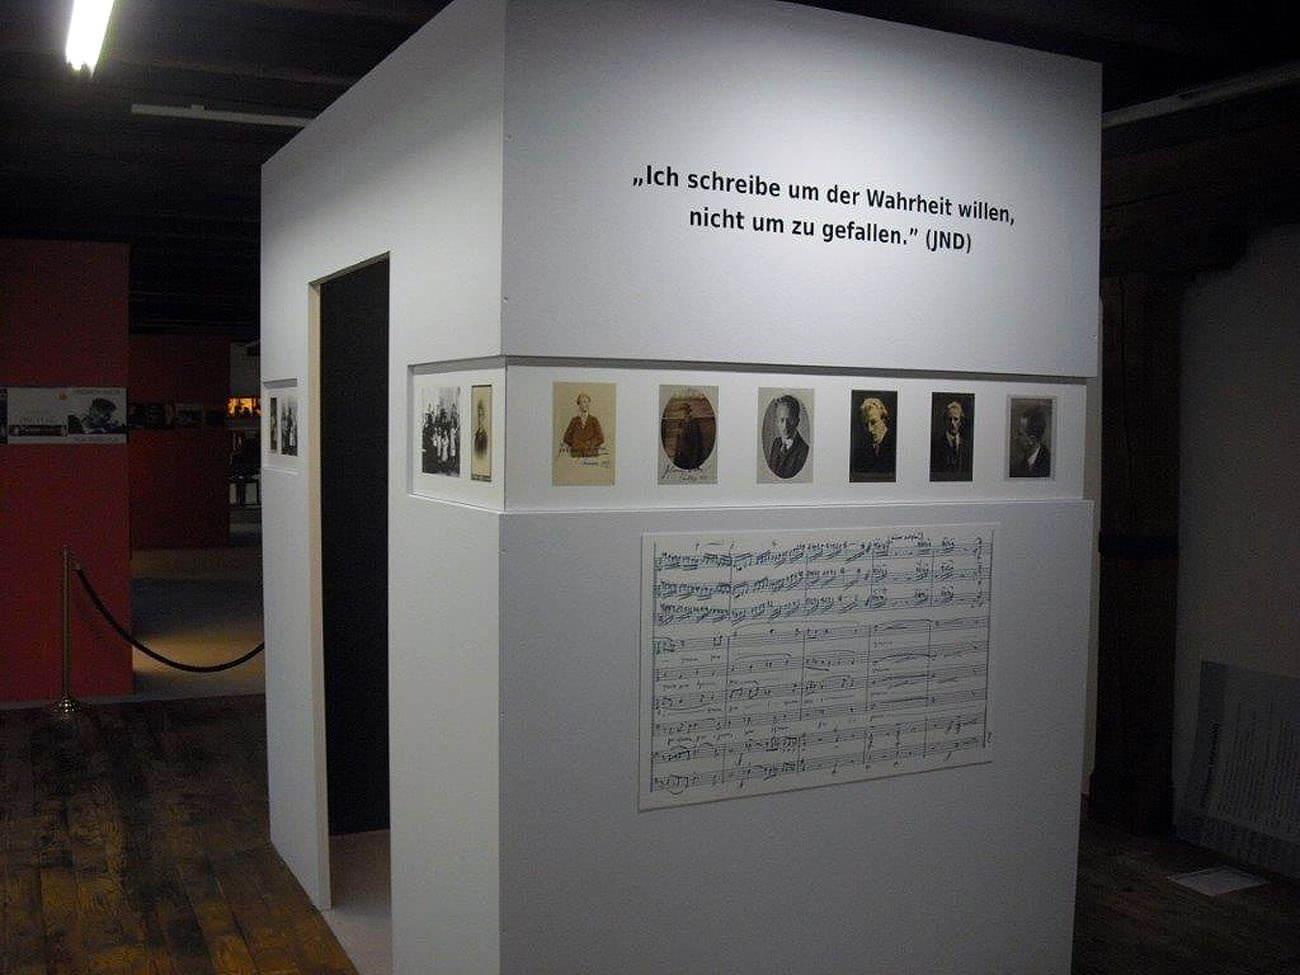 """Druck von Schilder für ein Museum """"Ich schreibe um der Wahrheit willen, nicht um zu gefallen."""" (JND)"""